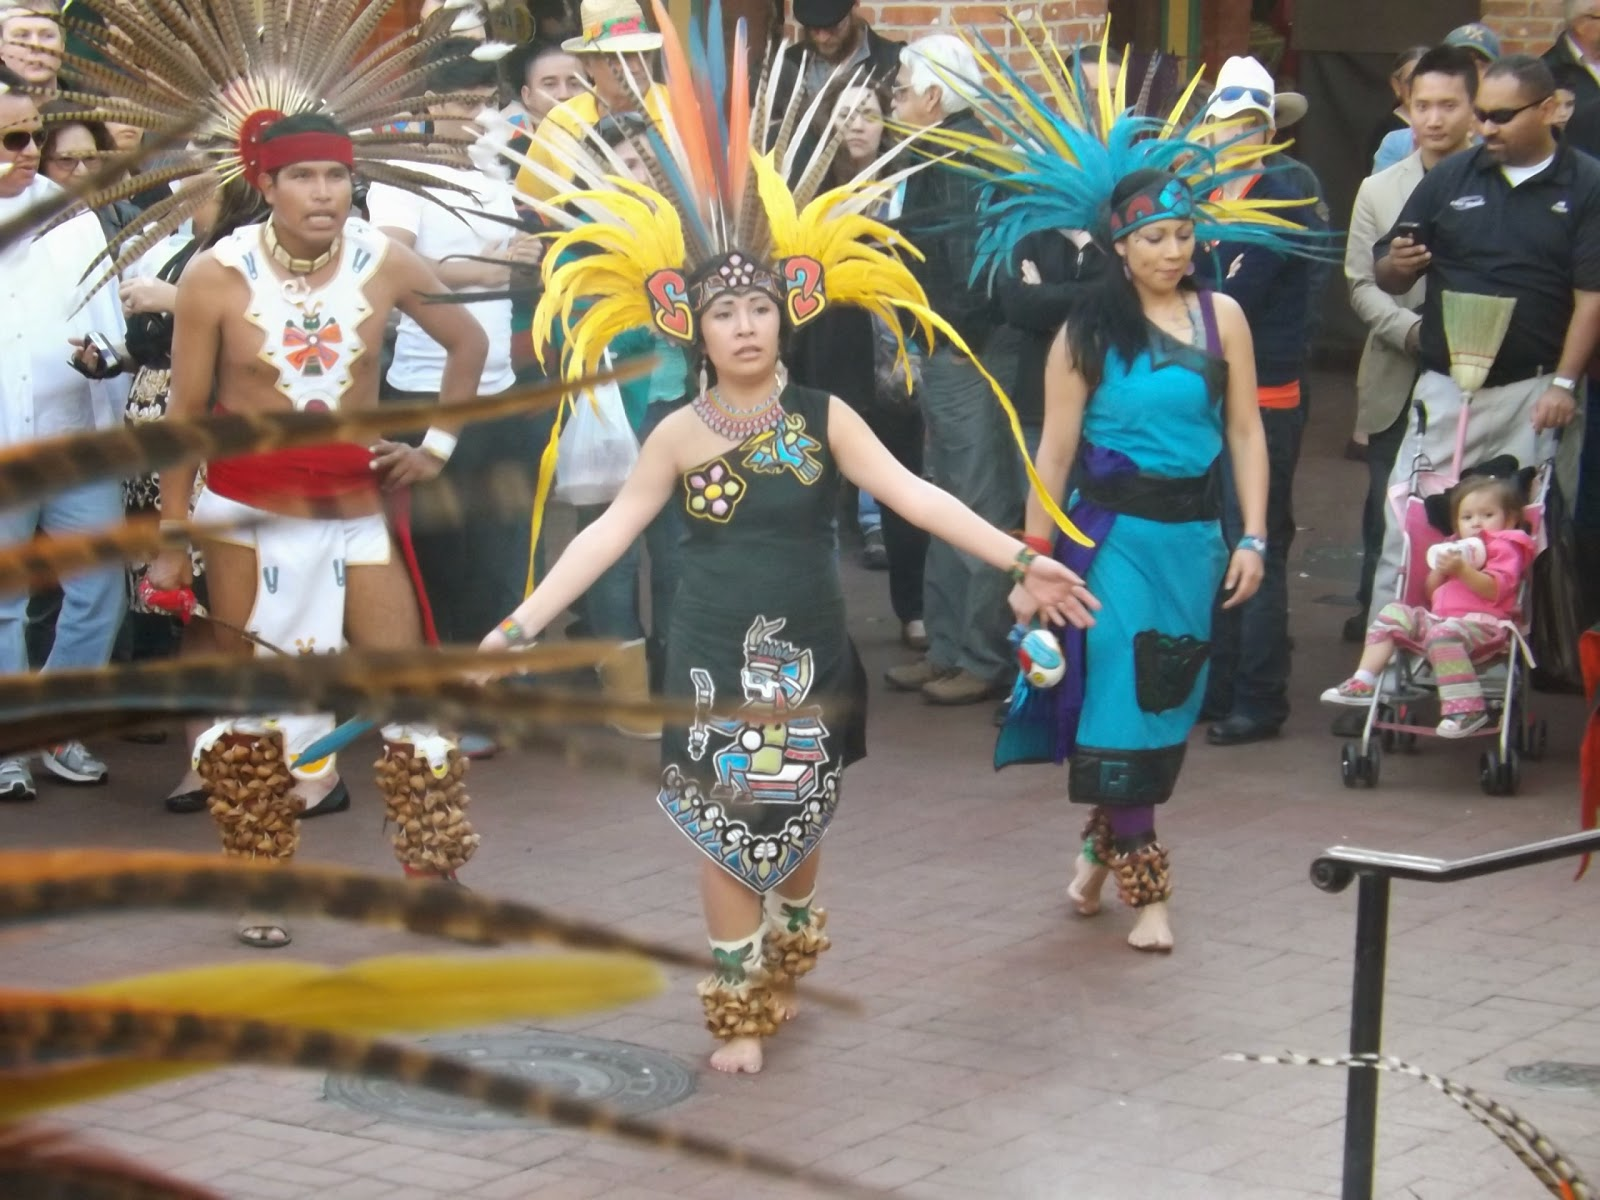 На этот праздник индейцев мы попали случайно. Ехали прогуляться по набережной Сан Антонио. Около стоянки машин услышали шум барабанов и пошли на звук... а там настоящий праздник! Индейцы отмечали день независимости танцами, развлекая толпу зевак.  Зрелище было увлекательным. Красочные костюмы и бой барабанной музыки заставляли двигаться в ритме танца. Я сняла видео с этого праздника, которое будет в конце... и много-много фото